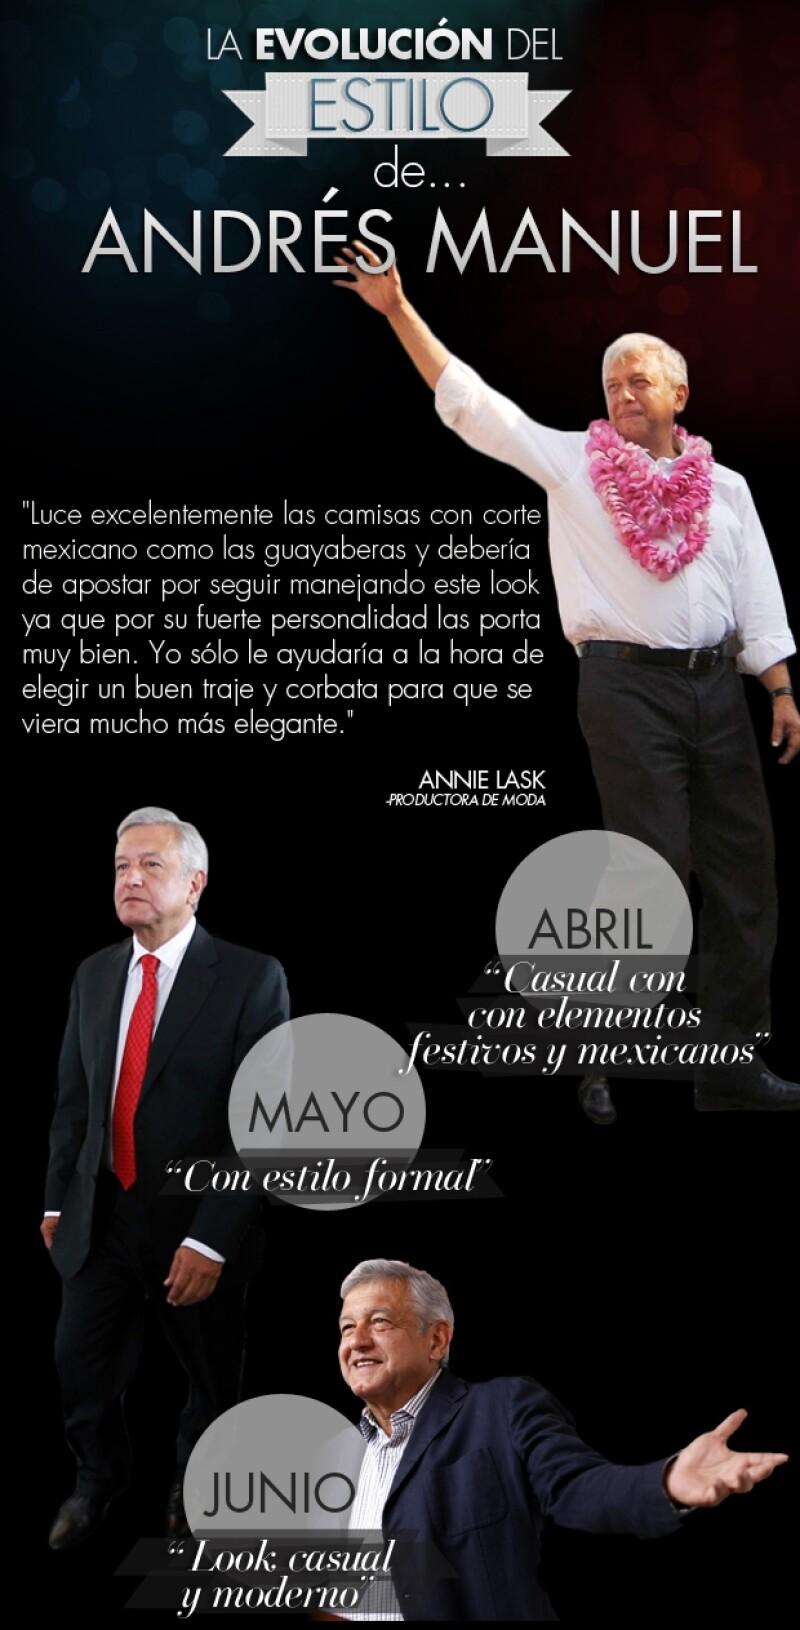 El candidato a la presidencia del PRD es Andrés Manuel López Obrador por segunda vez consecutiva. Con ayuda de la profesional en moda Annie Lask, analizamos su estilo y los cambios que ha tenido.